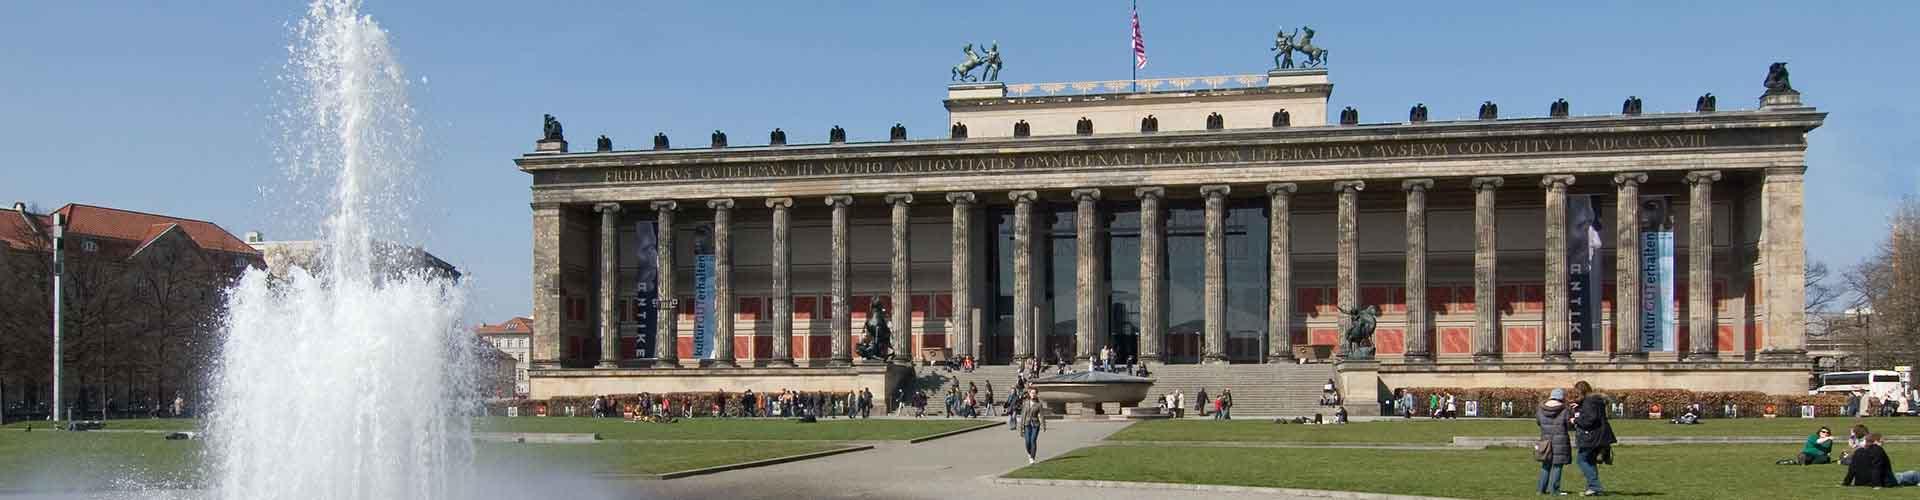 柏林 – 老博物馆及佩加蒙博物馆 附近的青年旅舍。柏林地图,柏林 所有青年旅馆的照片和评分。